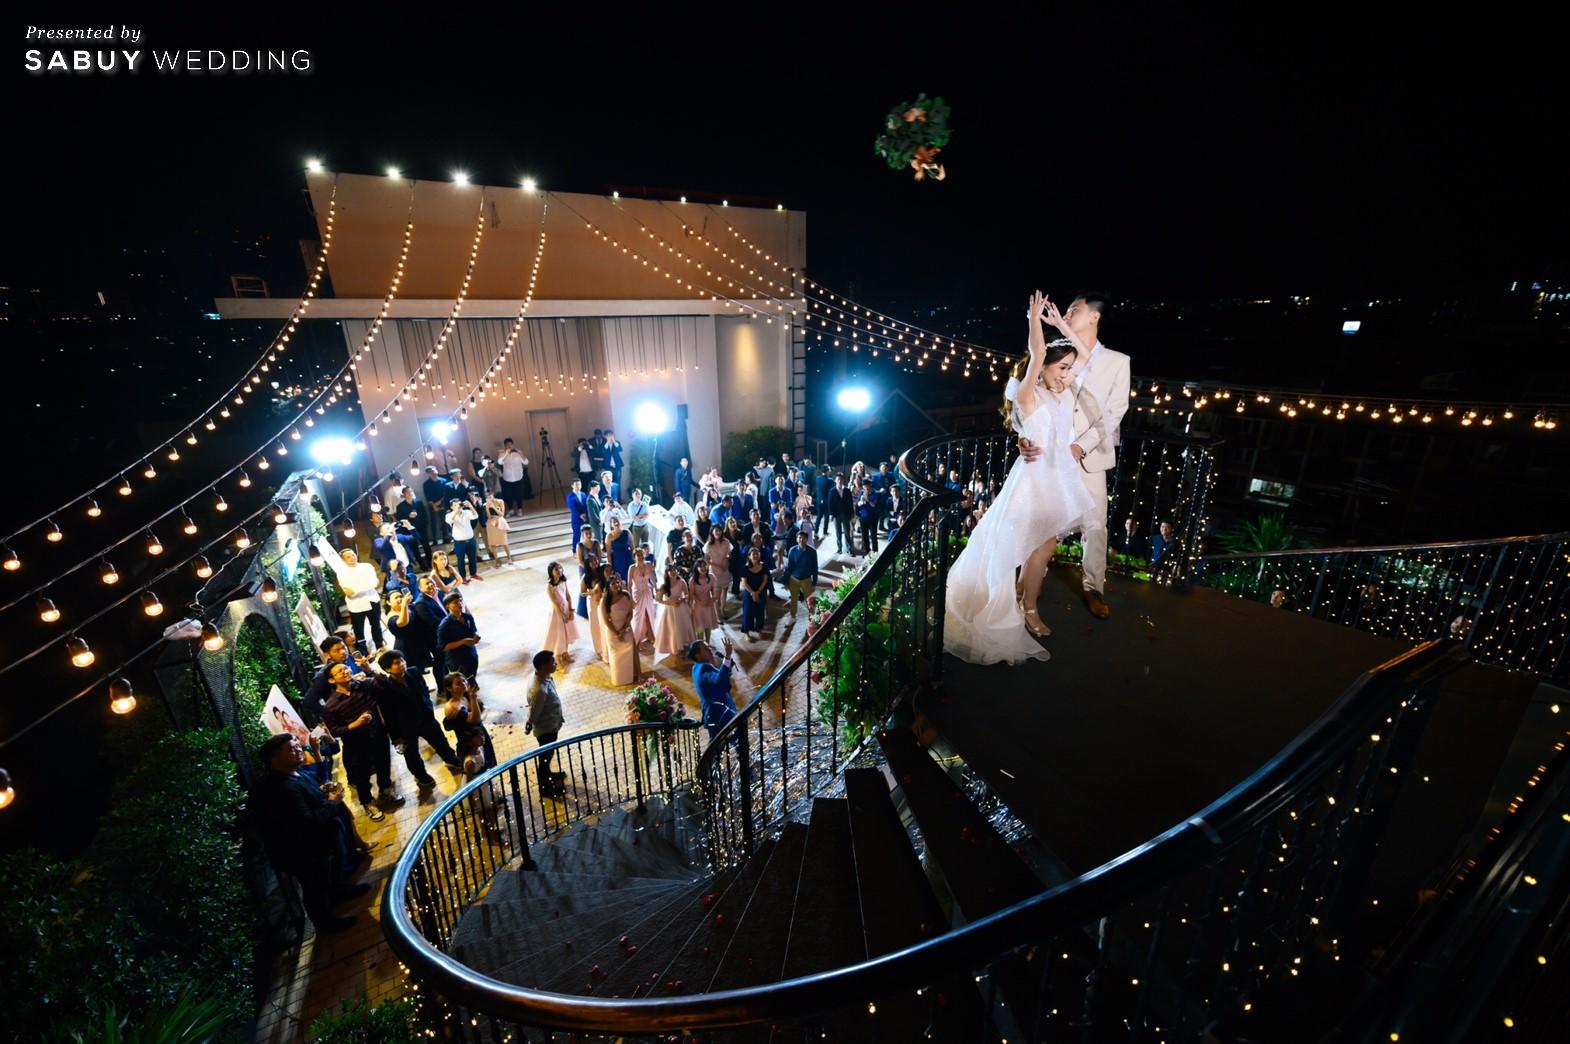 ชุดเจ้าบ่าว,ชุดเจ้าสาว,ชุดแต่งงาน รีวิวงานแต่งสวยวิ้ง ฟรุ้งฟริ้งฉบับงาน Customize @ Hotel Once Bangkok